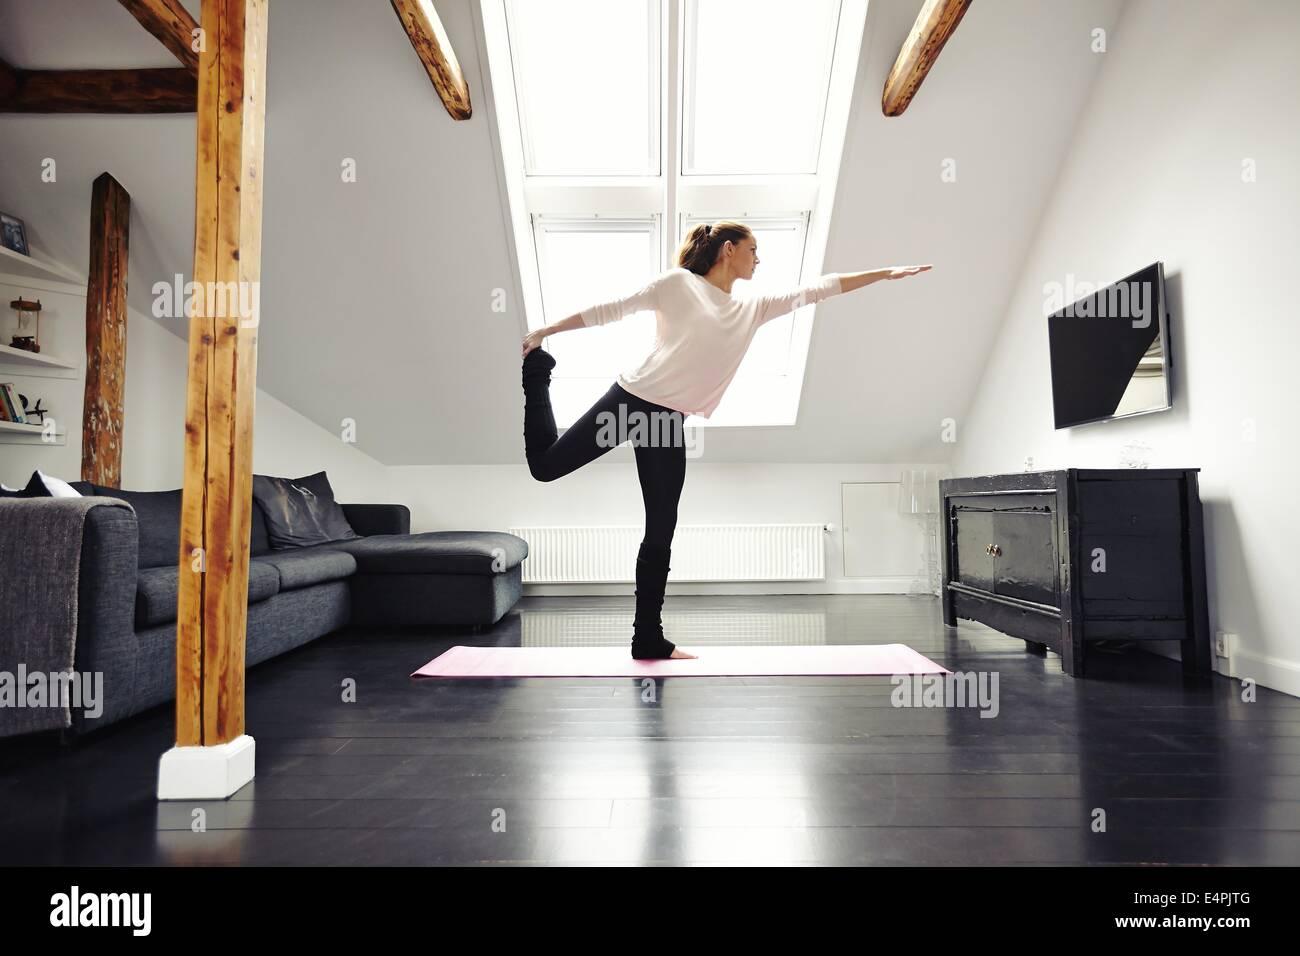 Fitness Frauen Gymnastik im Wohnzimmer. Stretching und balancieren auf einem Bein zu Hause. Kaukasischen Frauen Stockfoto